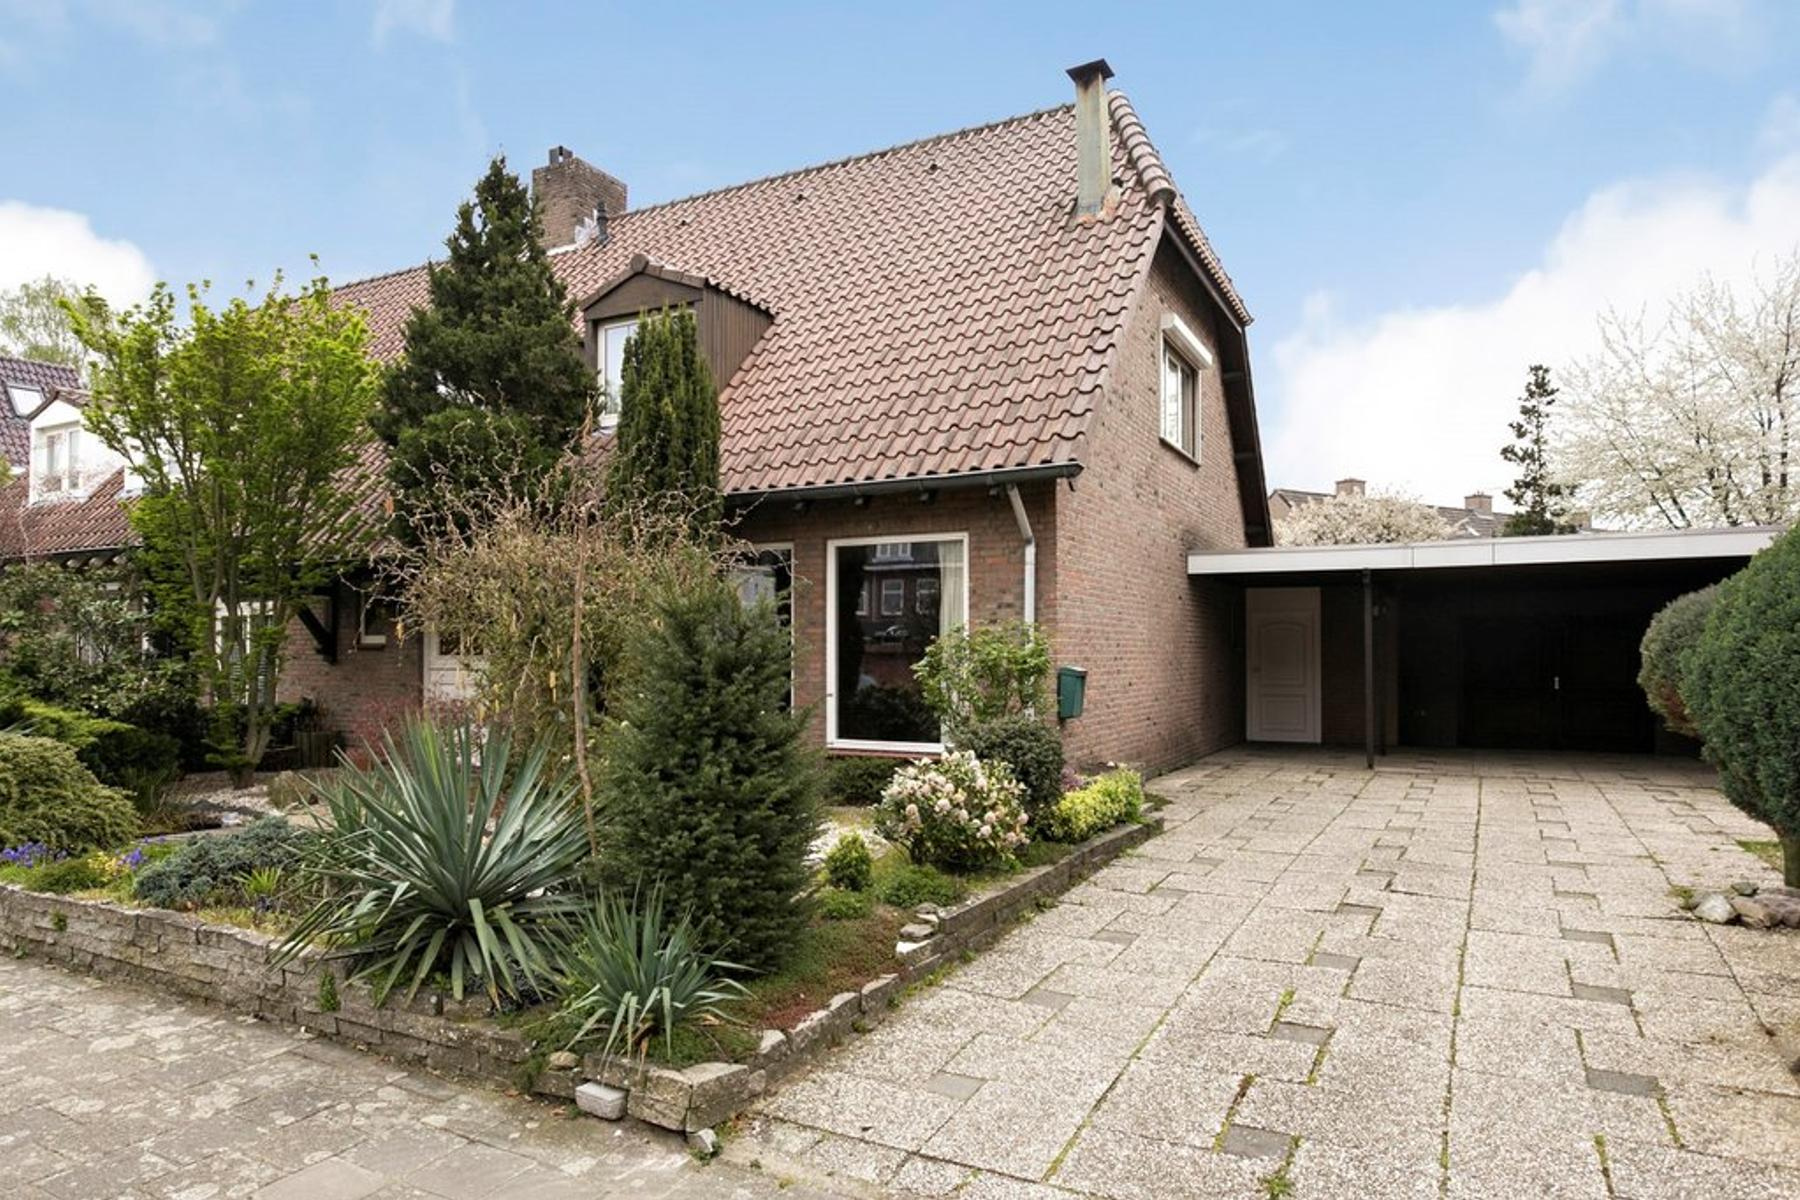 Hofstraat 18 in Valkenswaard 5554 EB